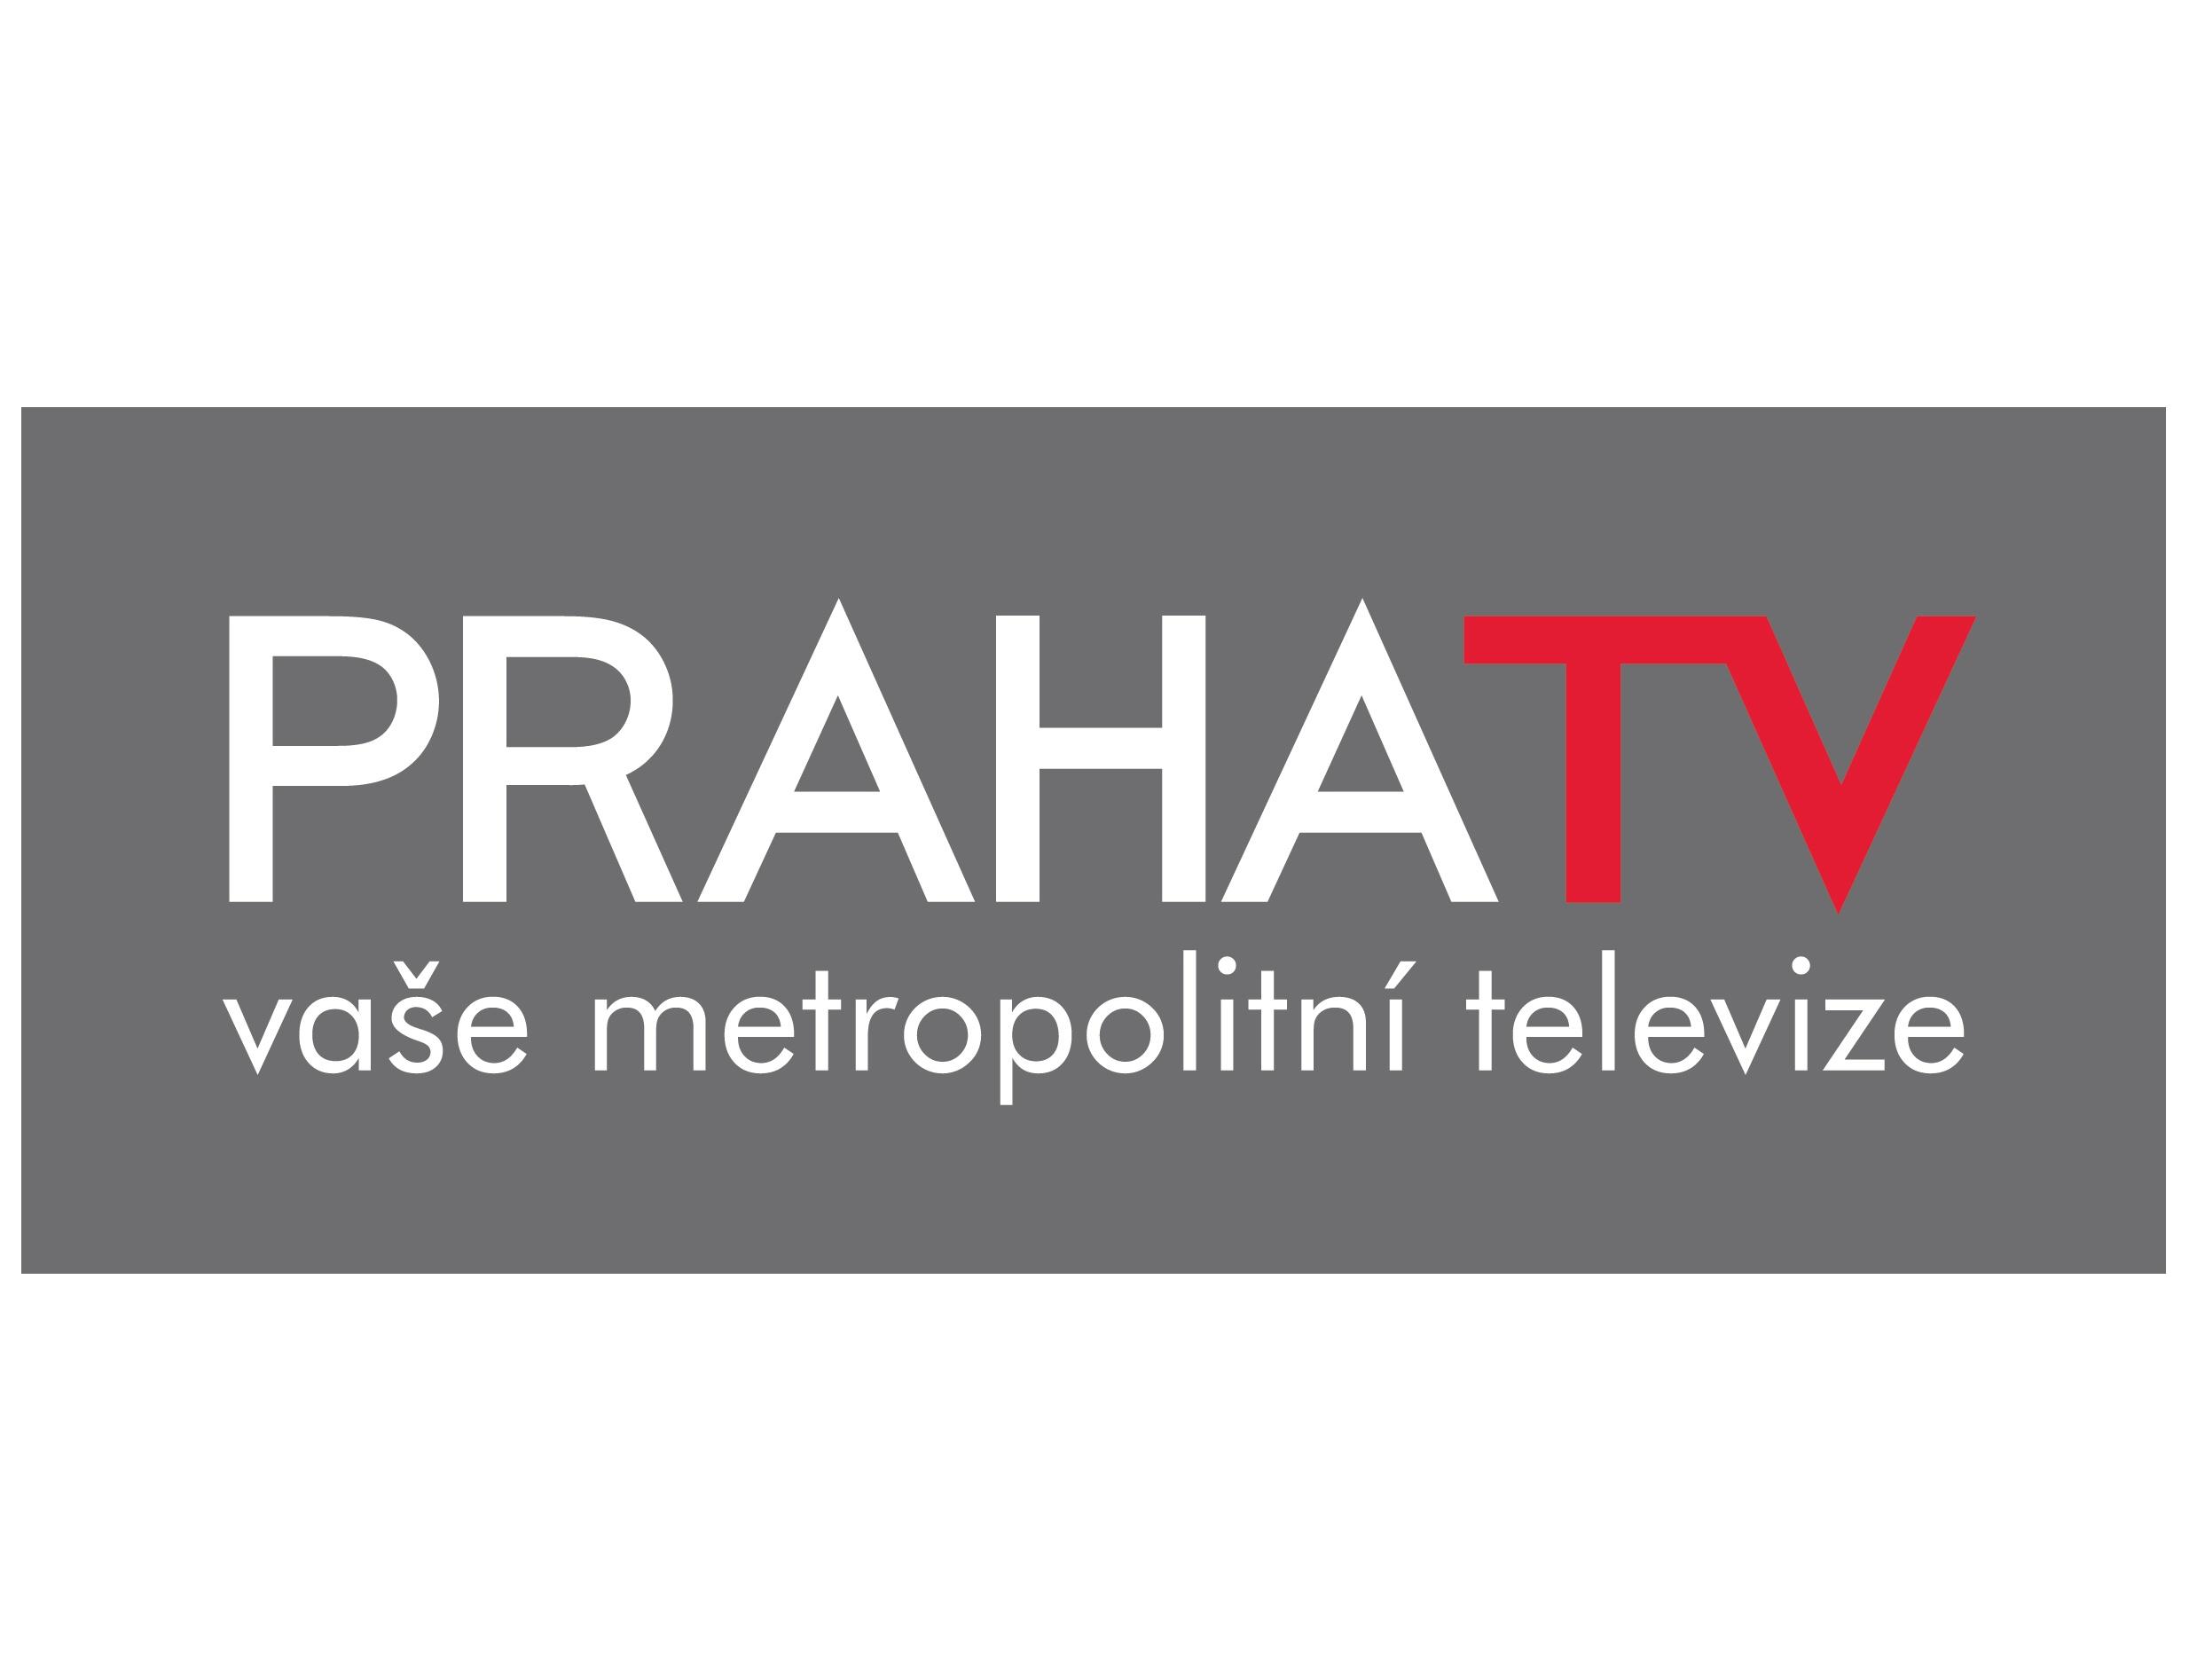 prahatv